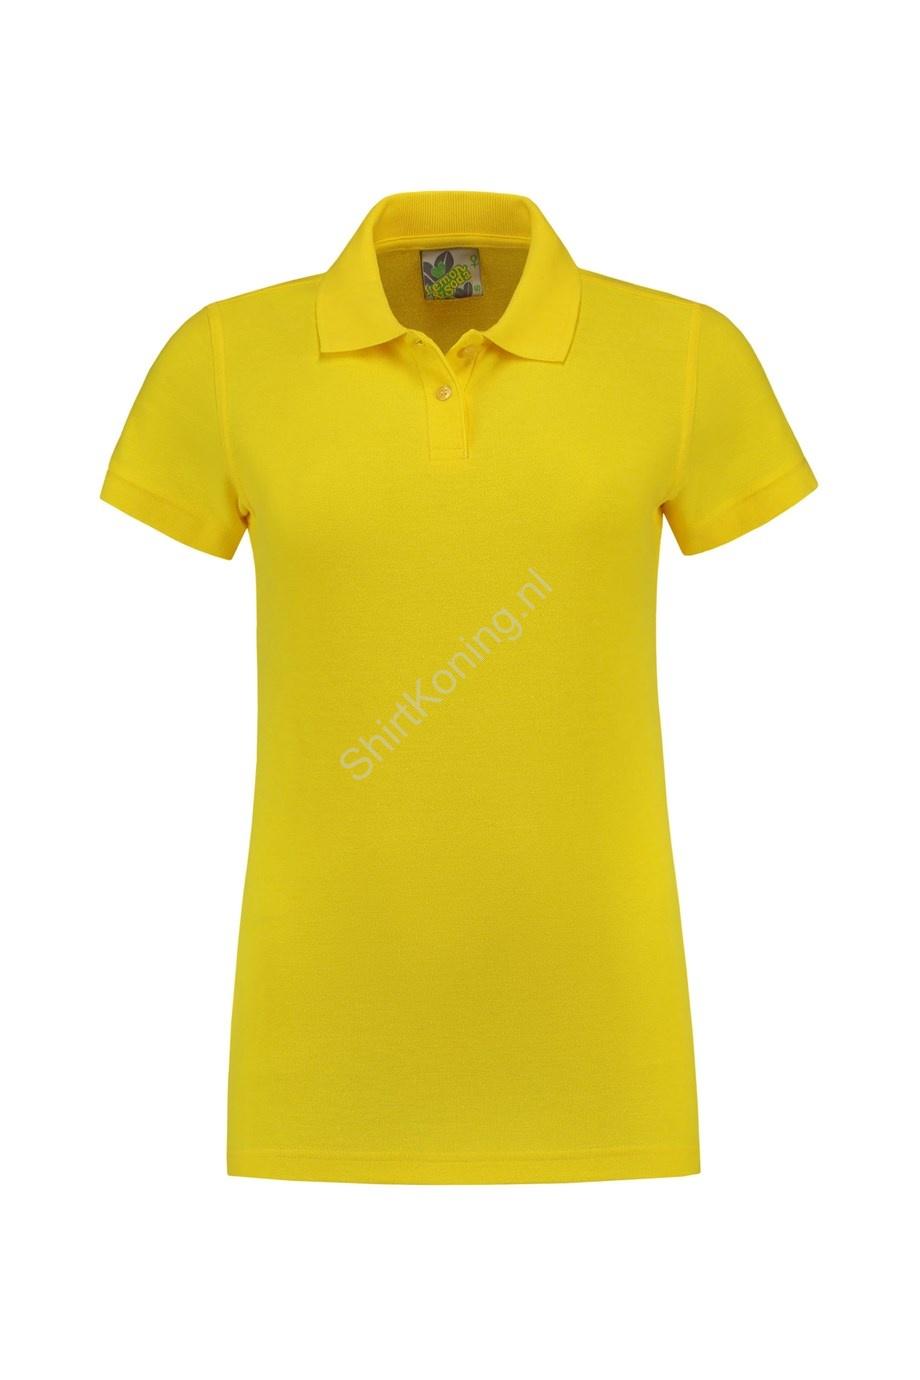 kleding-lemon&soda 3502